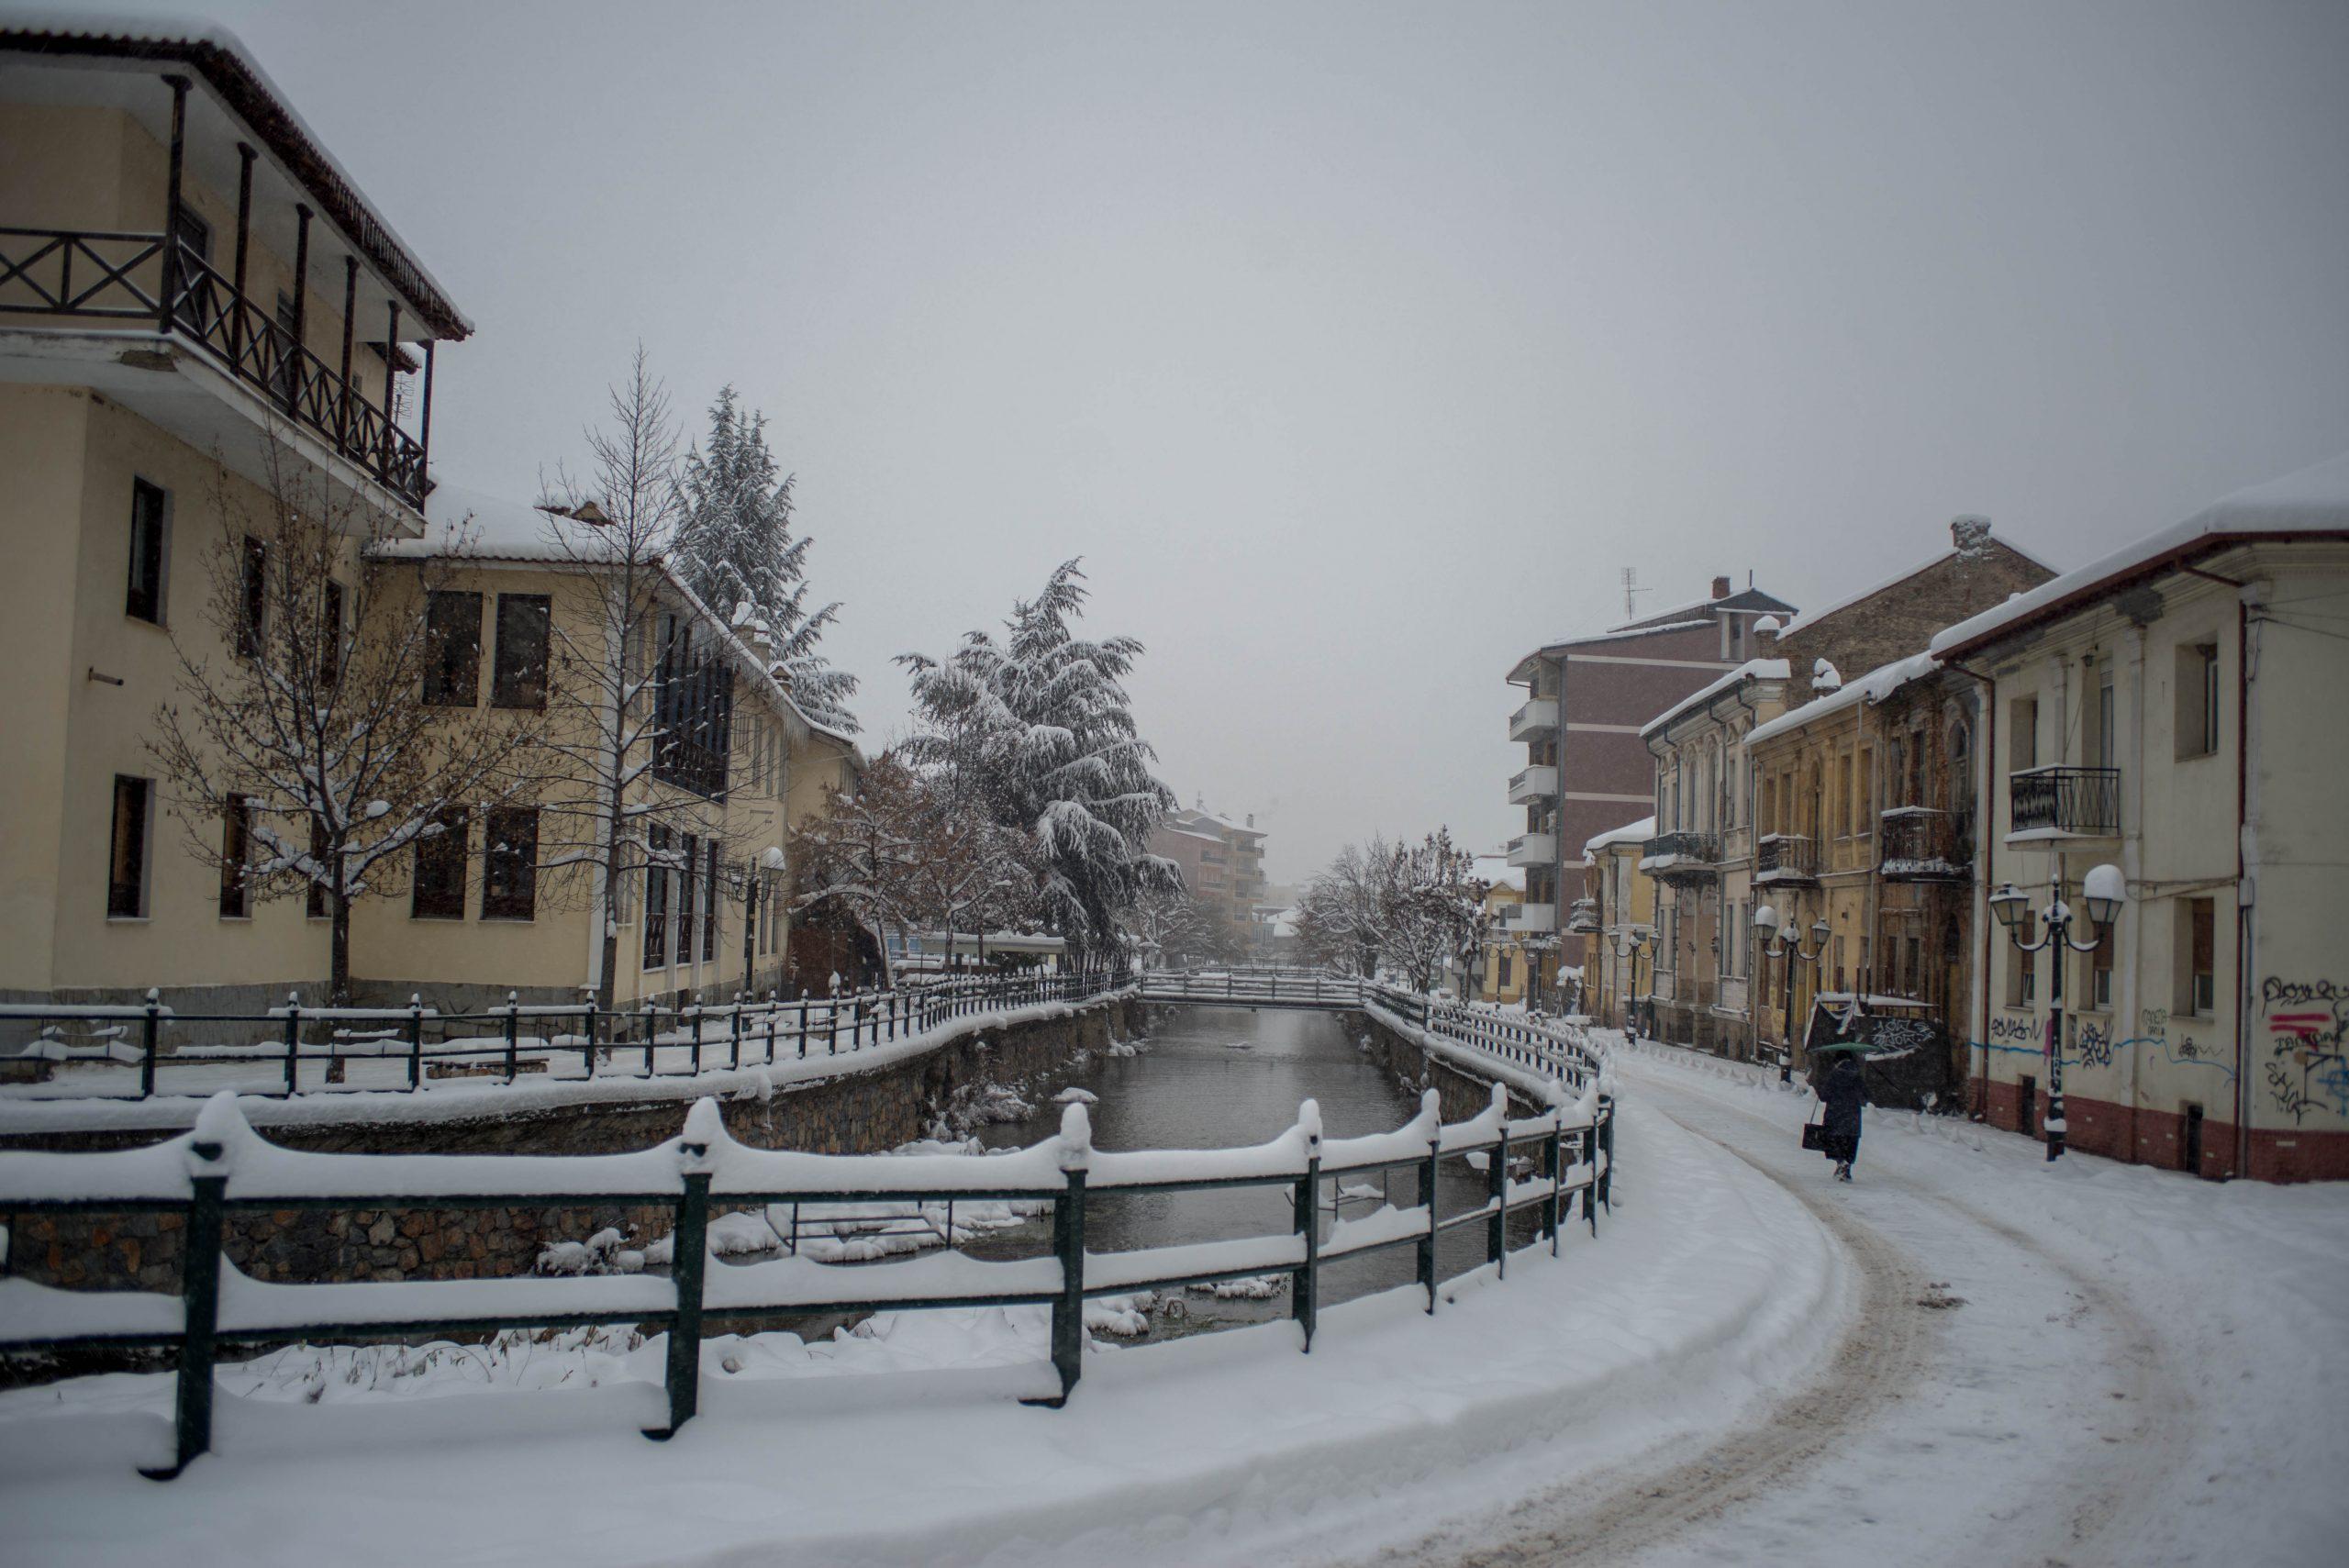 Χειμώνας στην Φλώρινα © Χρήστος Μήντσες